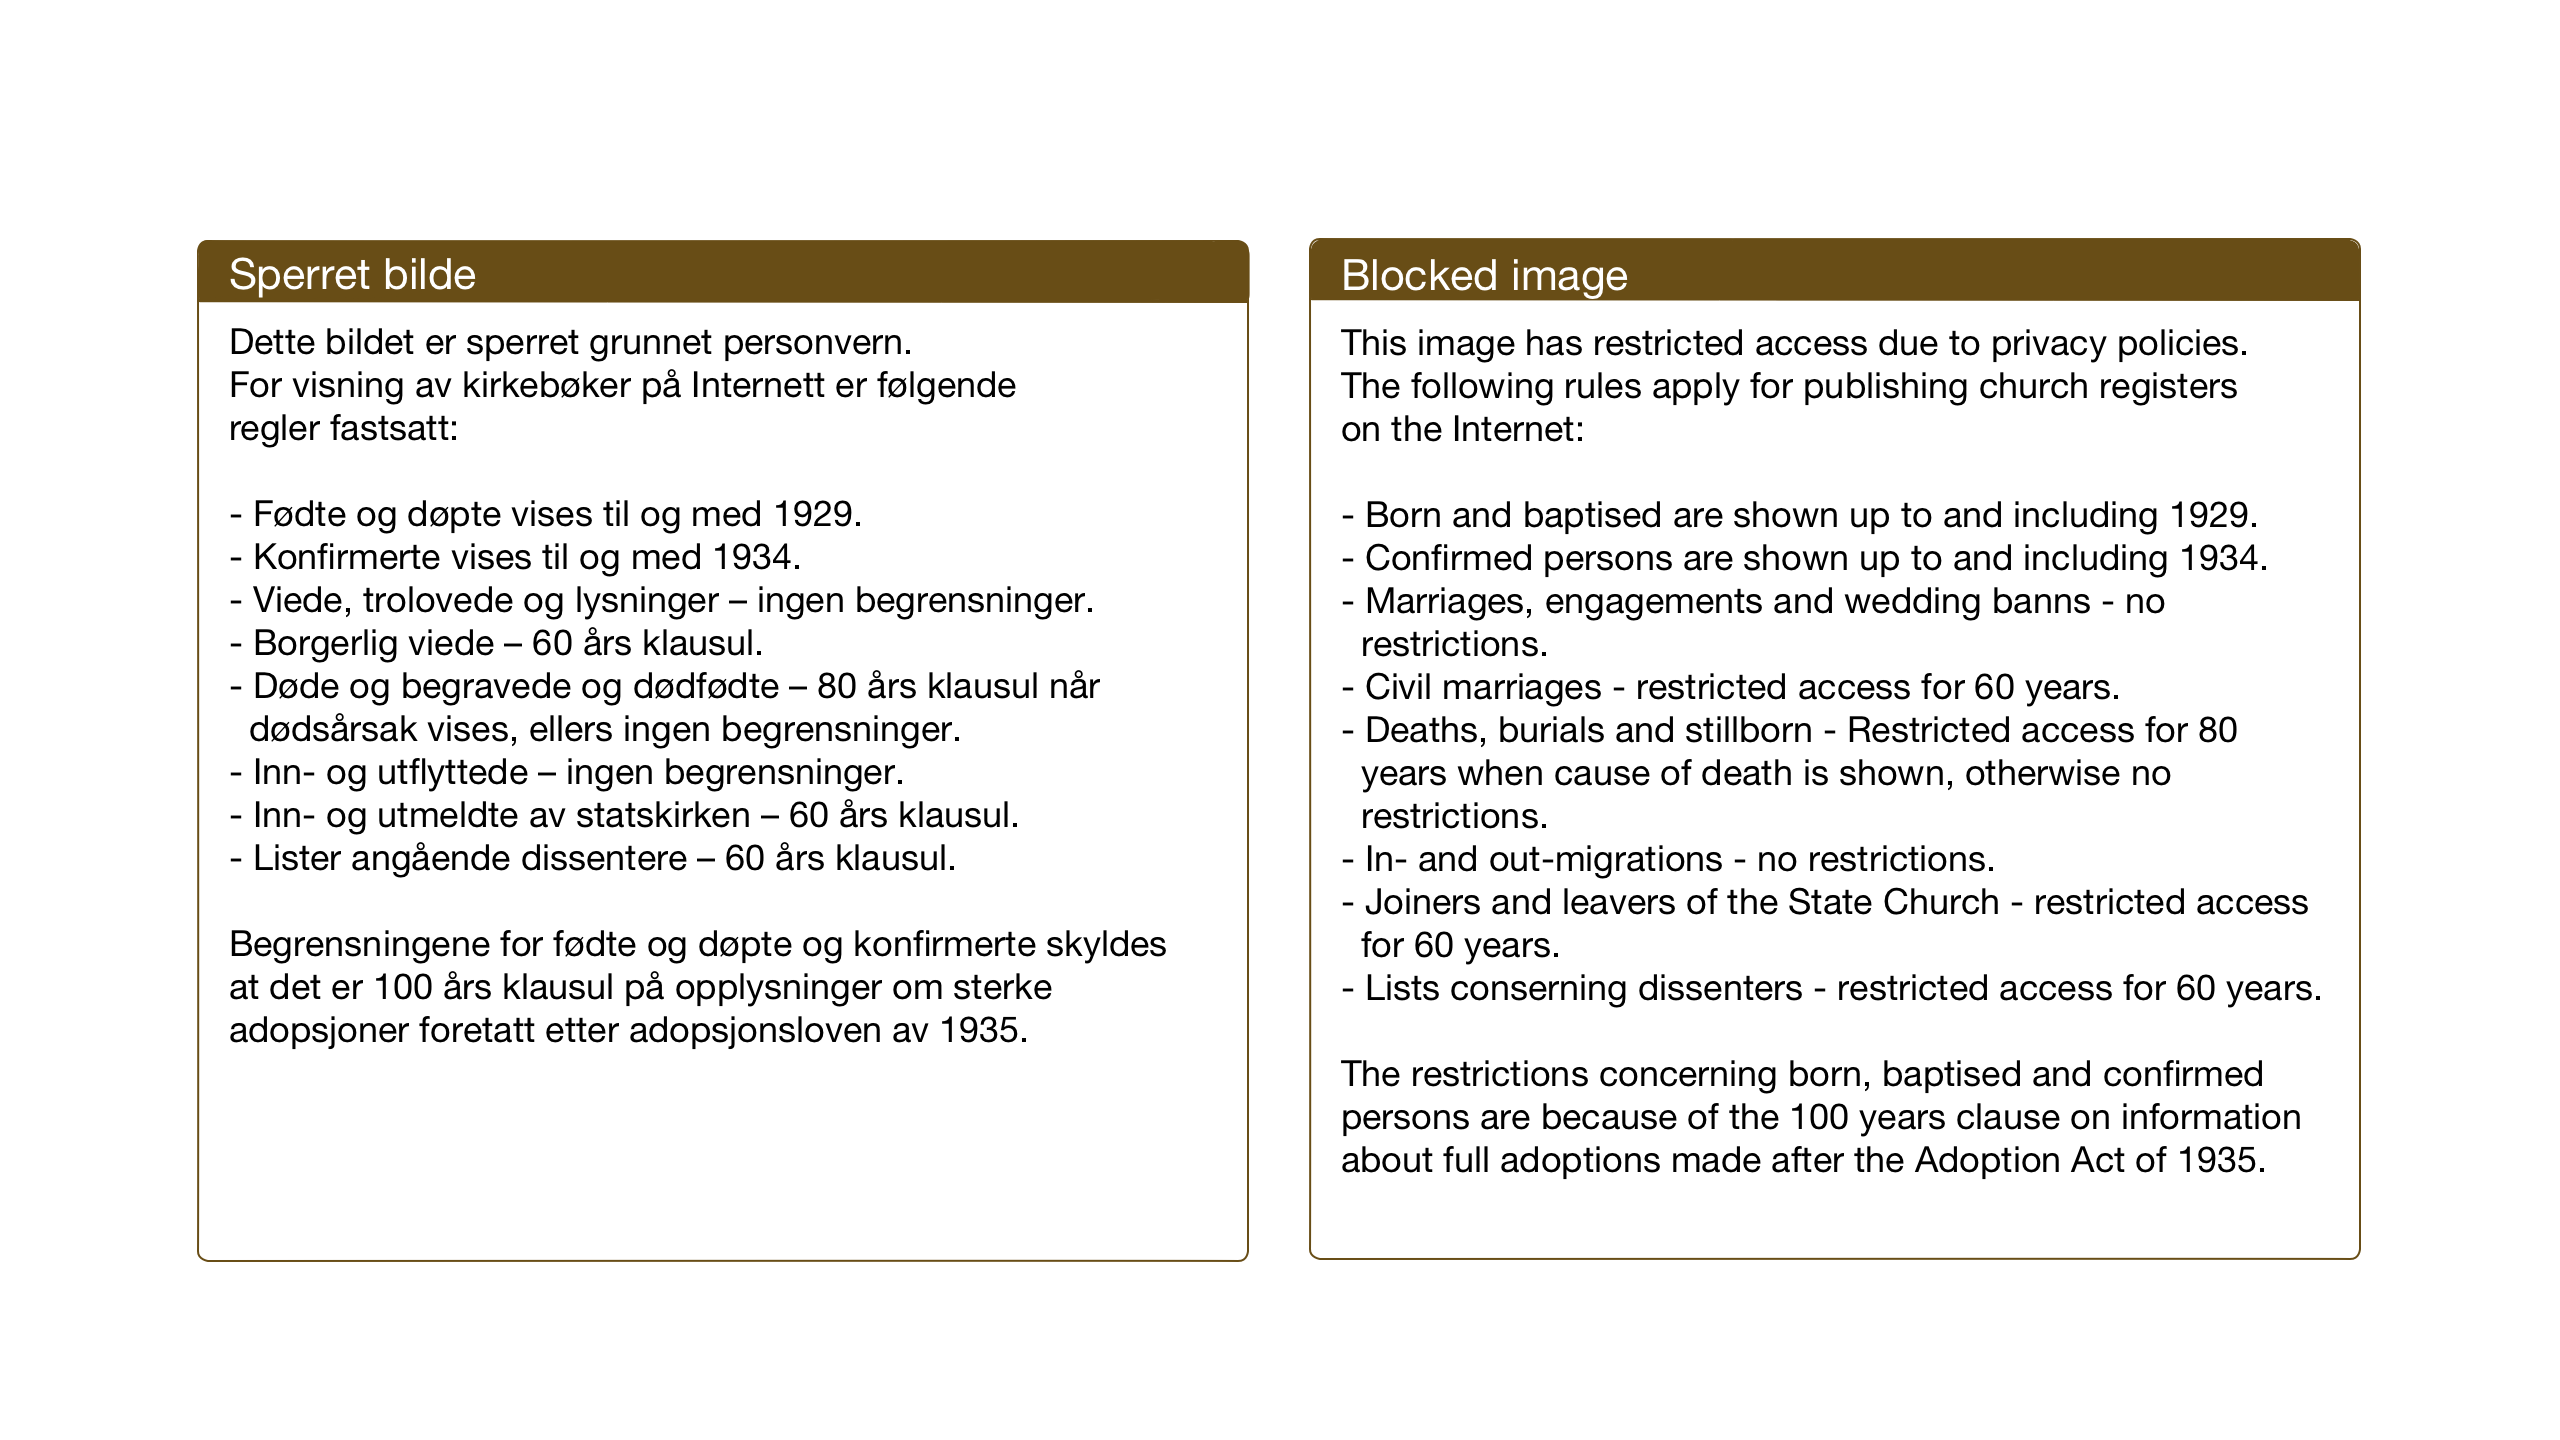 SAT, Ministerialprotokoller, klokkerbøker og fødselsregistre - Sør-Trøndelag, 630/L0508: Klokkerbok nr. 630C06, 1933-1950, s. 84